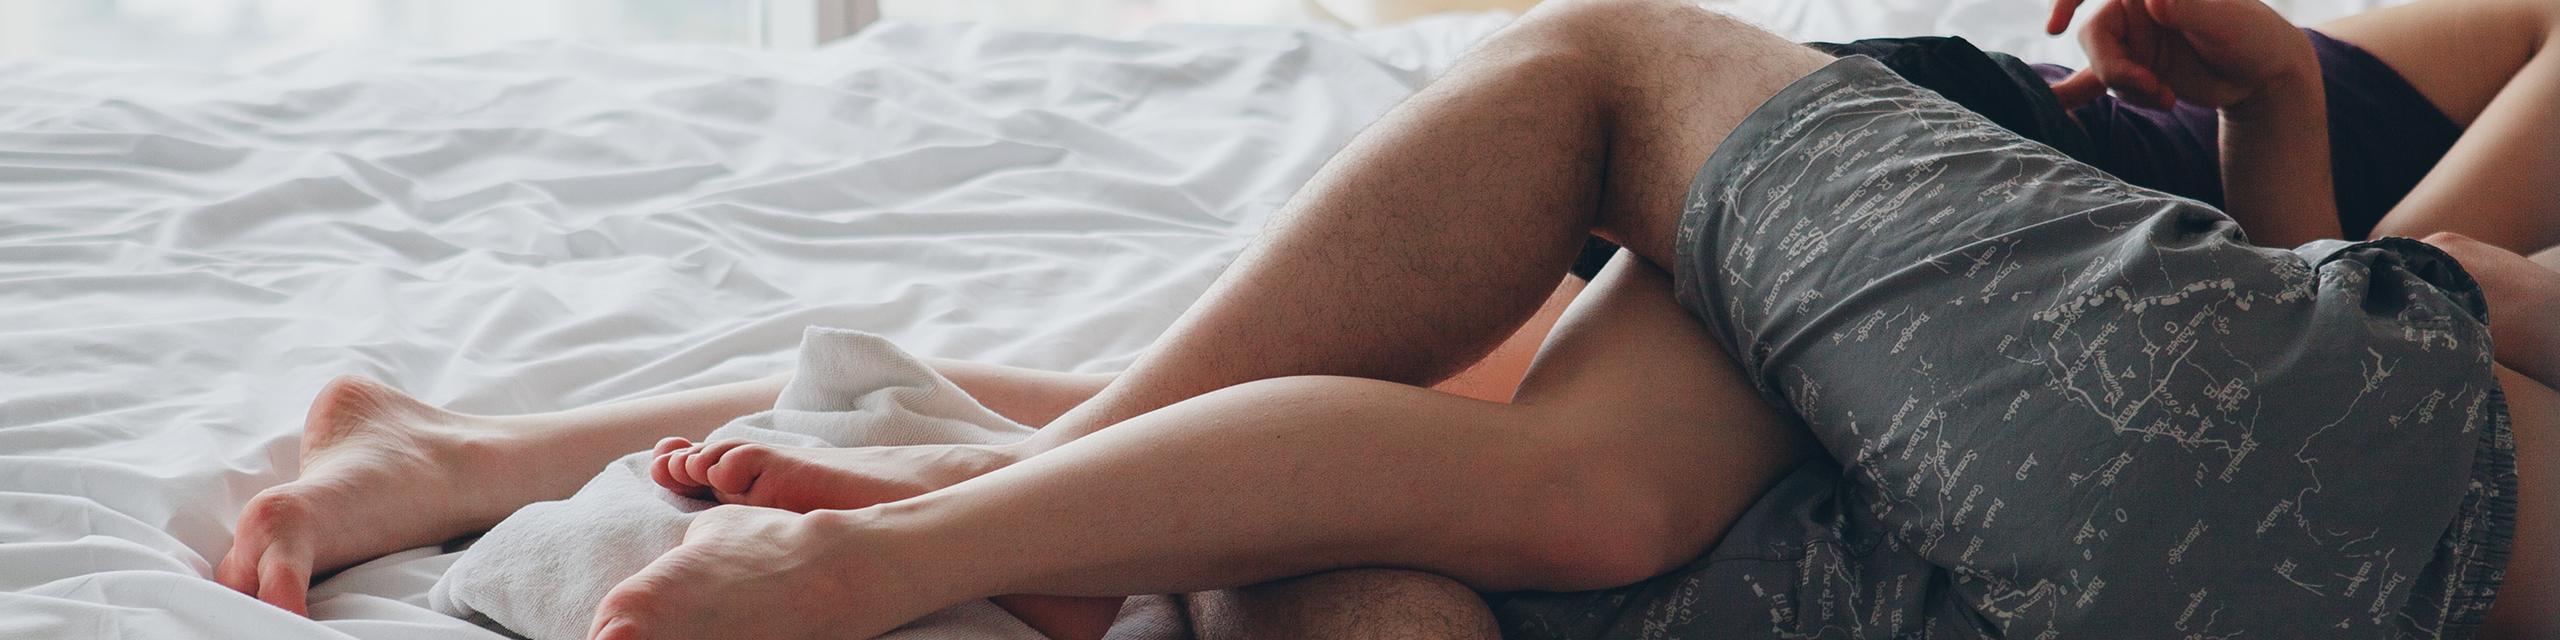 Orgasmes op automatische piloot: is saaie seks in een relatie slecht?